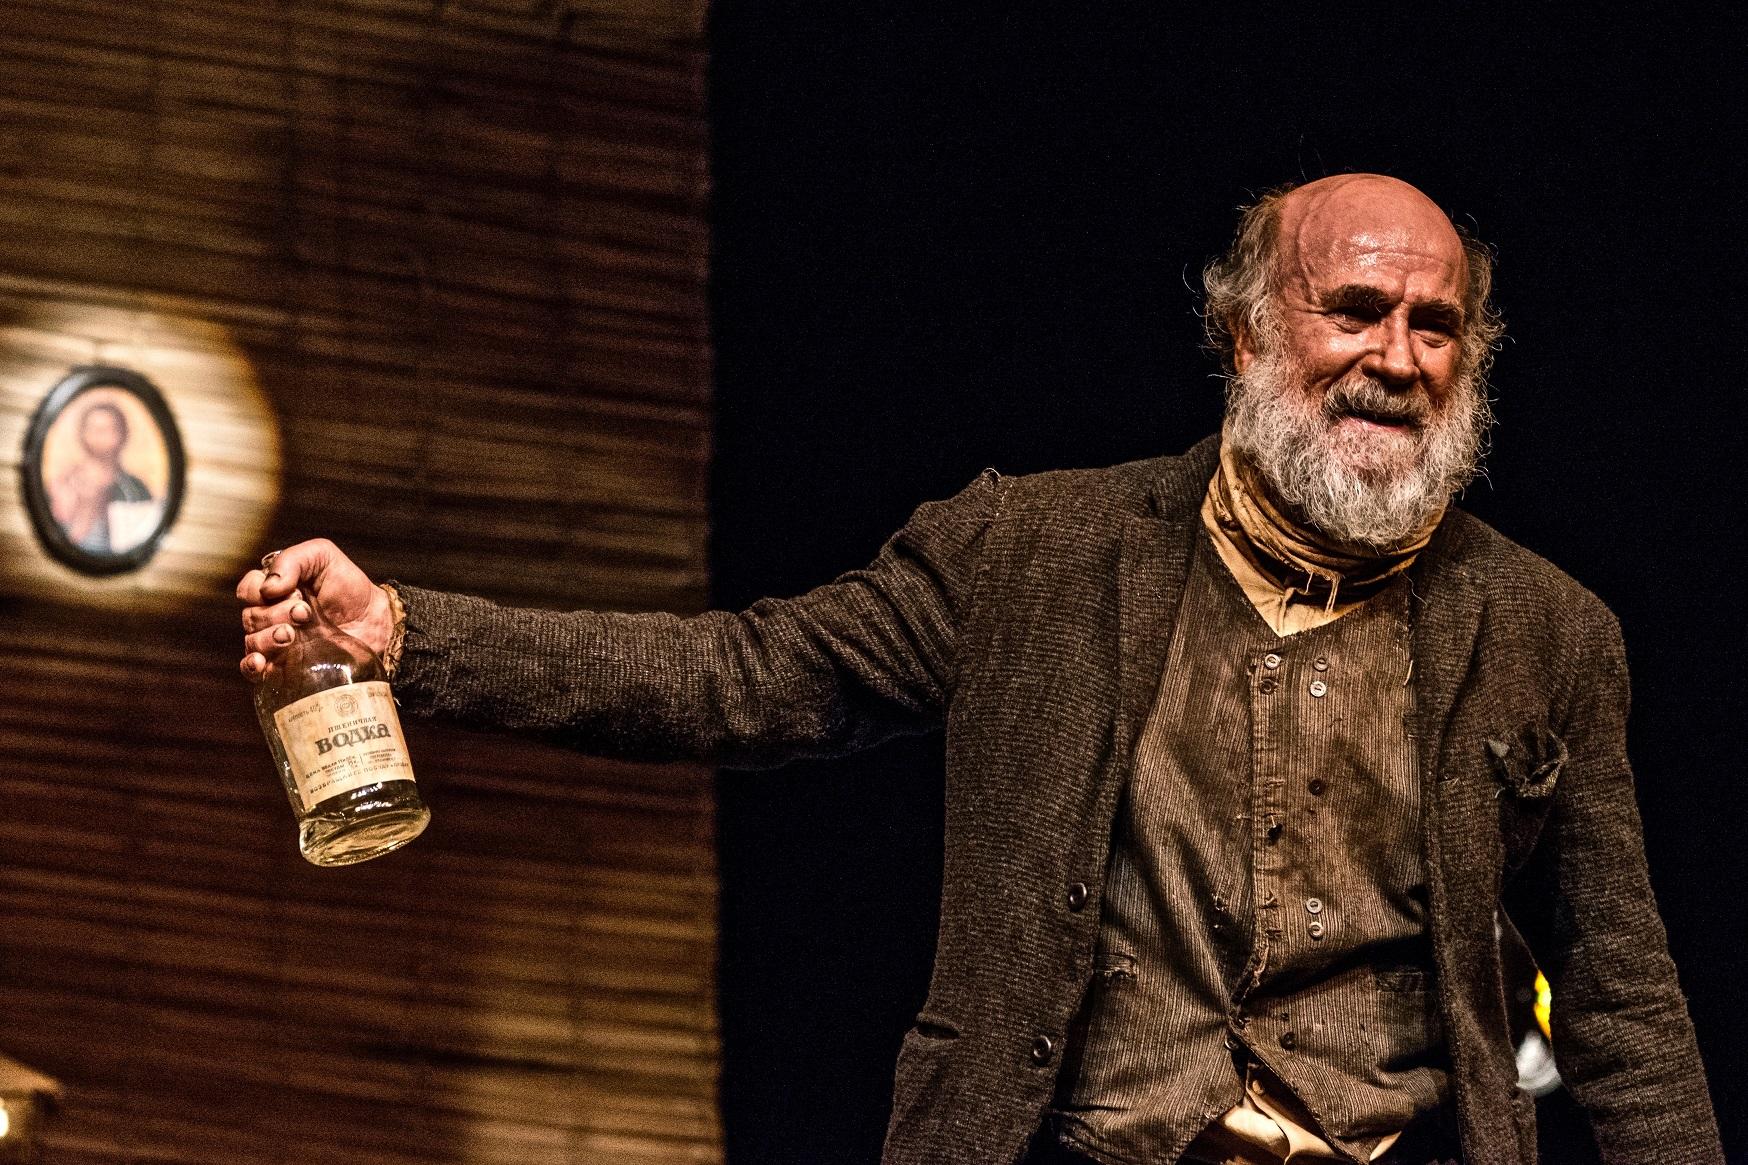 Premiado monólogo PARA ONDE IR, a partir de Crime e Castigo de Dostoiévski faz 3 únicas apresentações no Festival de Curitiba, dias 31 de março e 01 de abril, no Palácio Garibaldi.